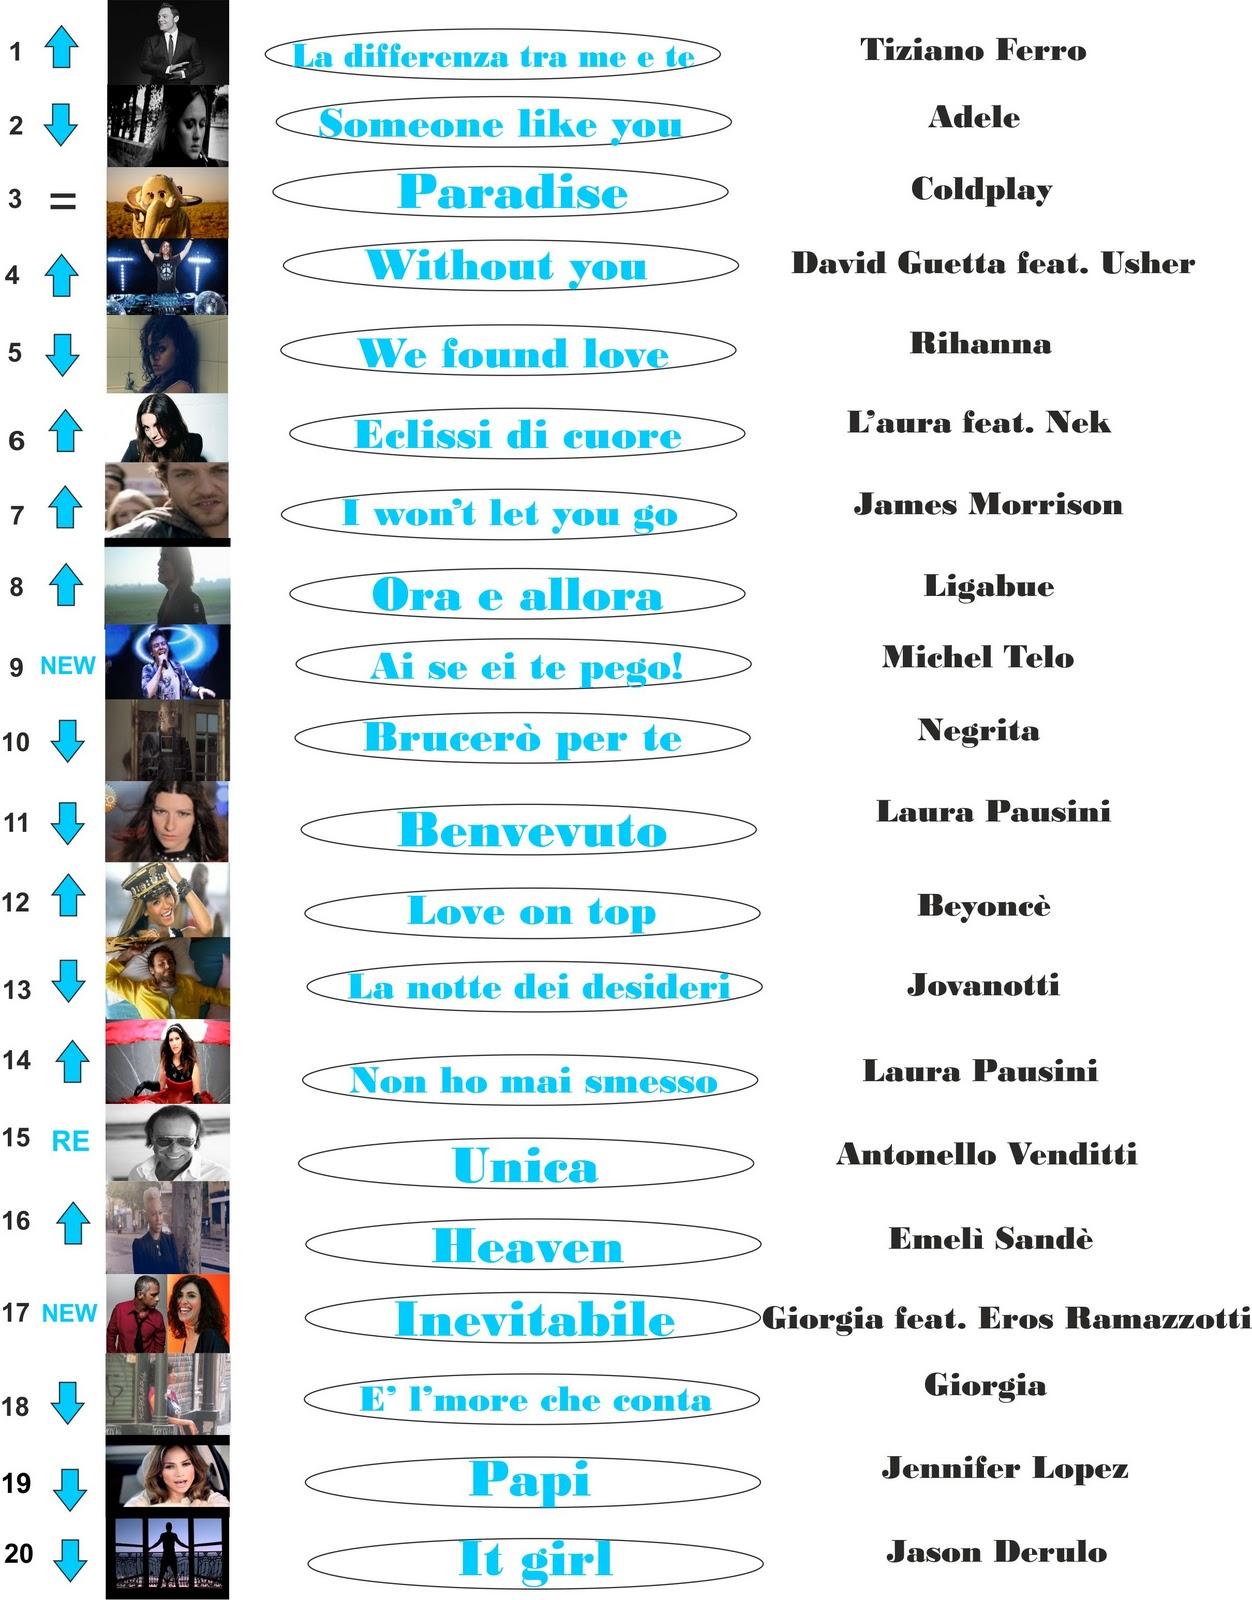 http://3.bp.blogspot.com/-4rX7KjOyKMY/TuoIDz9LbhI/AAAAAAAAAJg/6Q4ujlzPBsY/s1600/Classifica+singoli.jpg